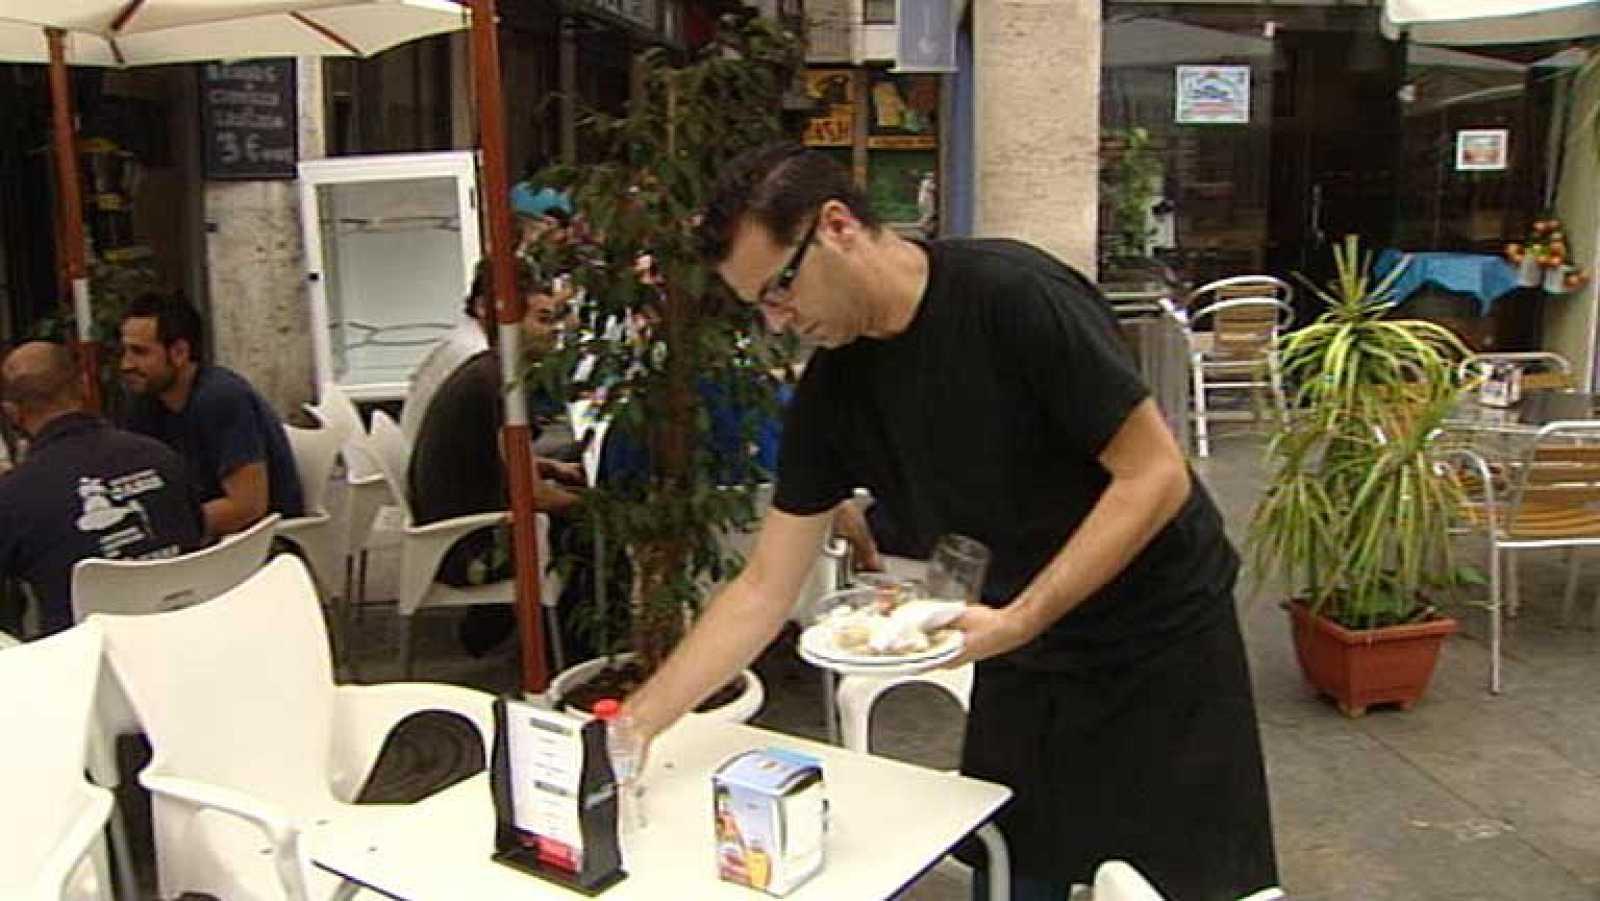 El empleo en el sector turístico es ocho puntos menor que la media española